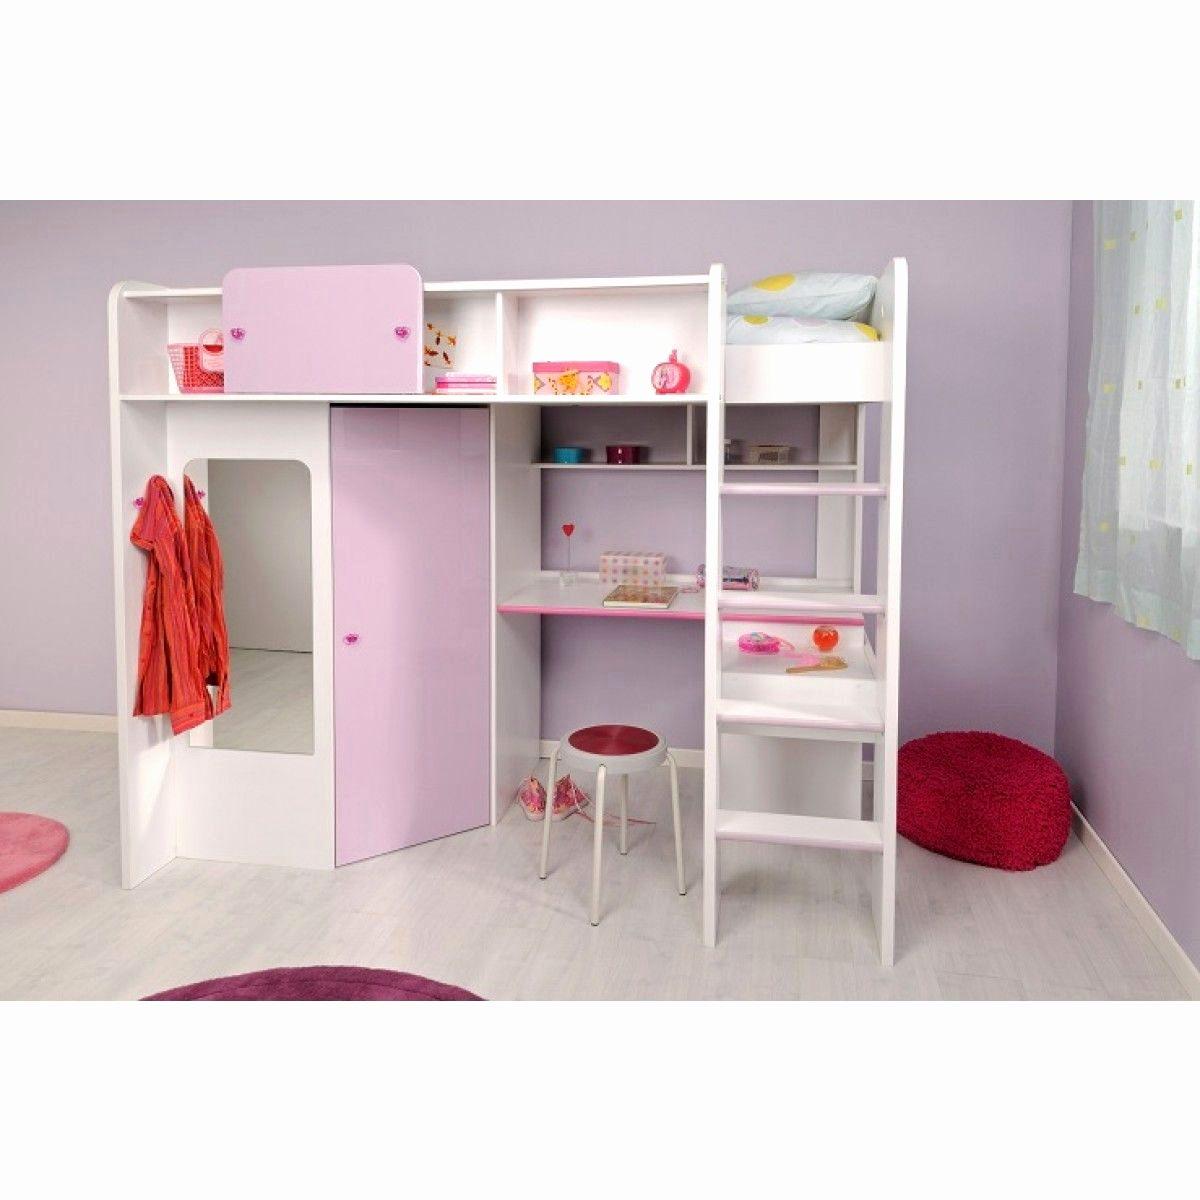 Lit Mezzanine Une Place Douce Lit Mezzanine Avec Rangement Beau Lit En Mezzanine Luxe Rangement